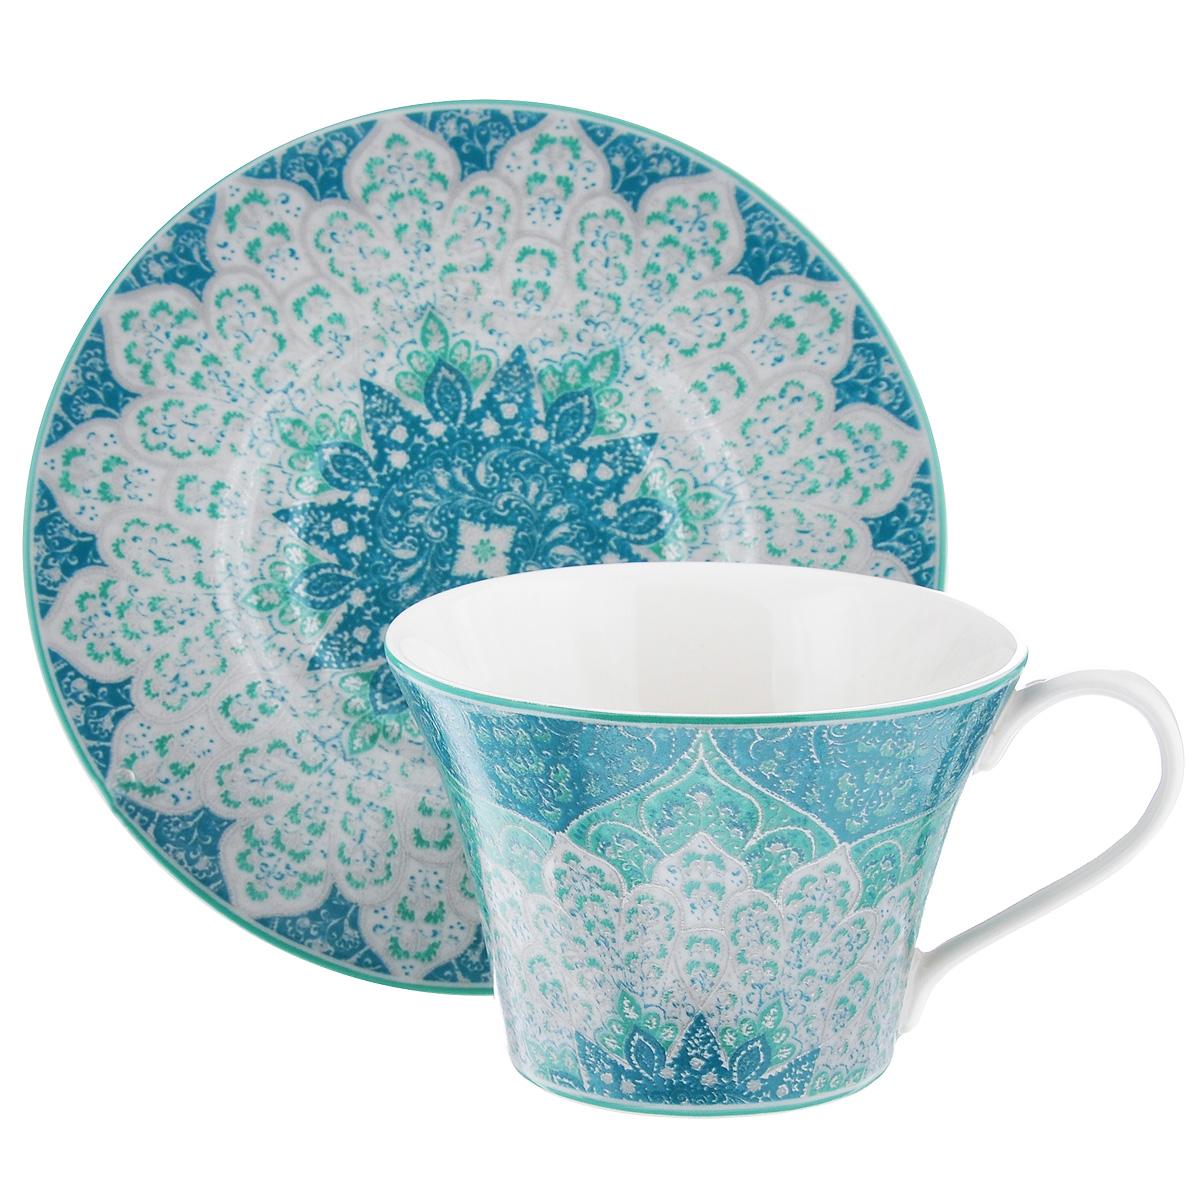 Чайная пара Utana Кашан, цвет: бирюзовый, 2 предметаUTKB94201/2Чайная пара Utana Кашан состоит из чашки и блюдца, выполненных из высококачественной керамики. Красочность оформления придется по вкусу и ценителям классики, и тем, кто предпочитает утонченность и изысканность. Оригинальный орнамент придает набору особый шарм, который понравится каждому. Предметы набора можно использовать в микроволновой печи и мыть в посудомоечной машине. Объем чашки: 250 мл. Диаметр чашки (по верхнему краю): 10 см. Высота чашки: 7,5 см. Диаметр блюдца: 16 см.